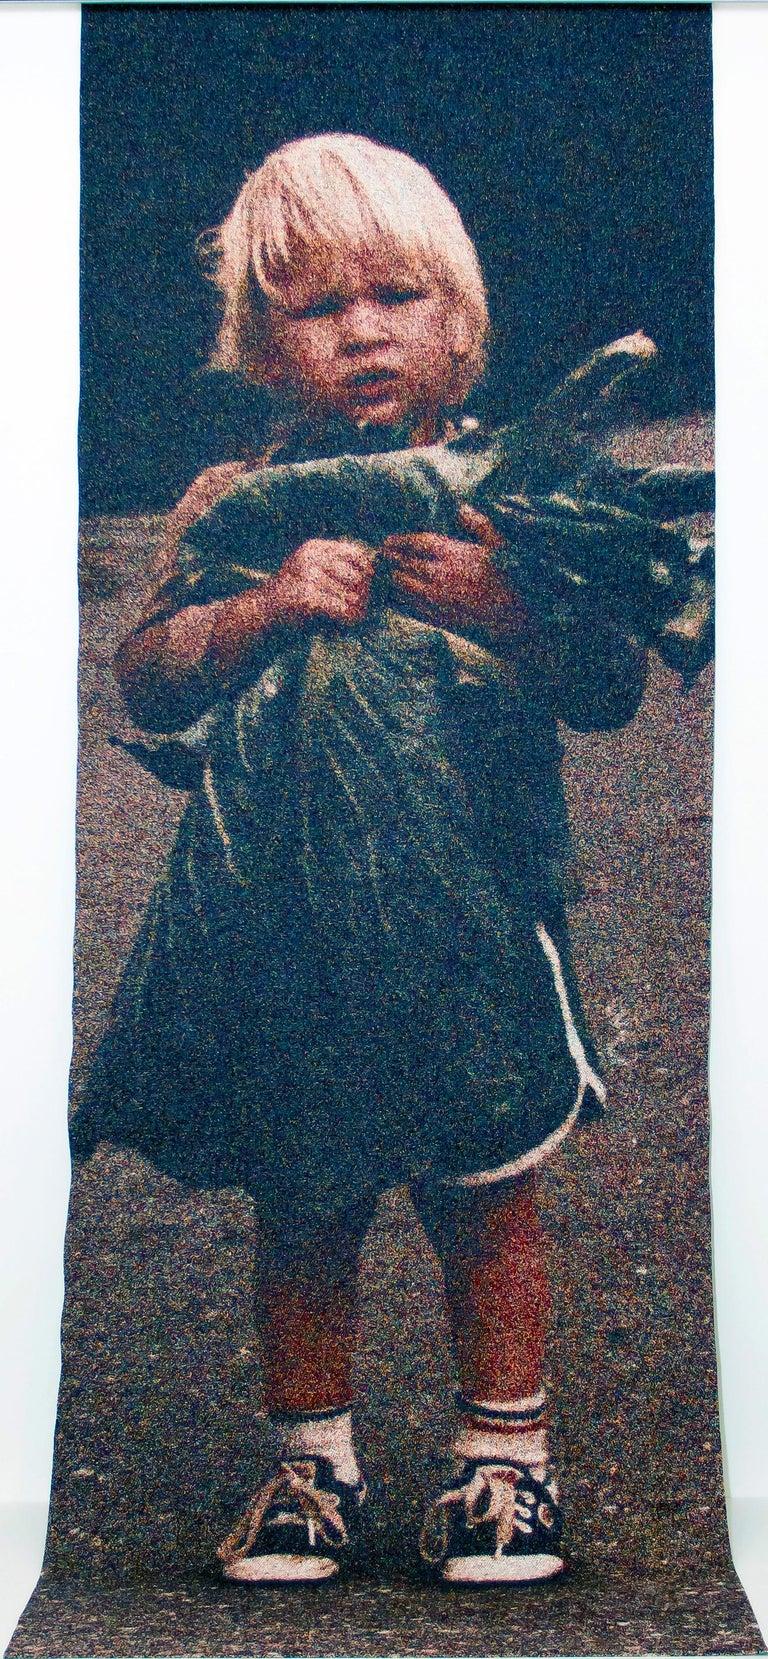 Lia Cook Portrait Photograph - Big Cabbage Boy